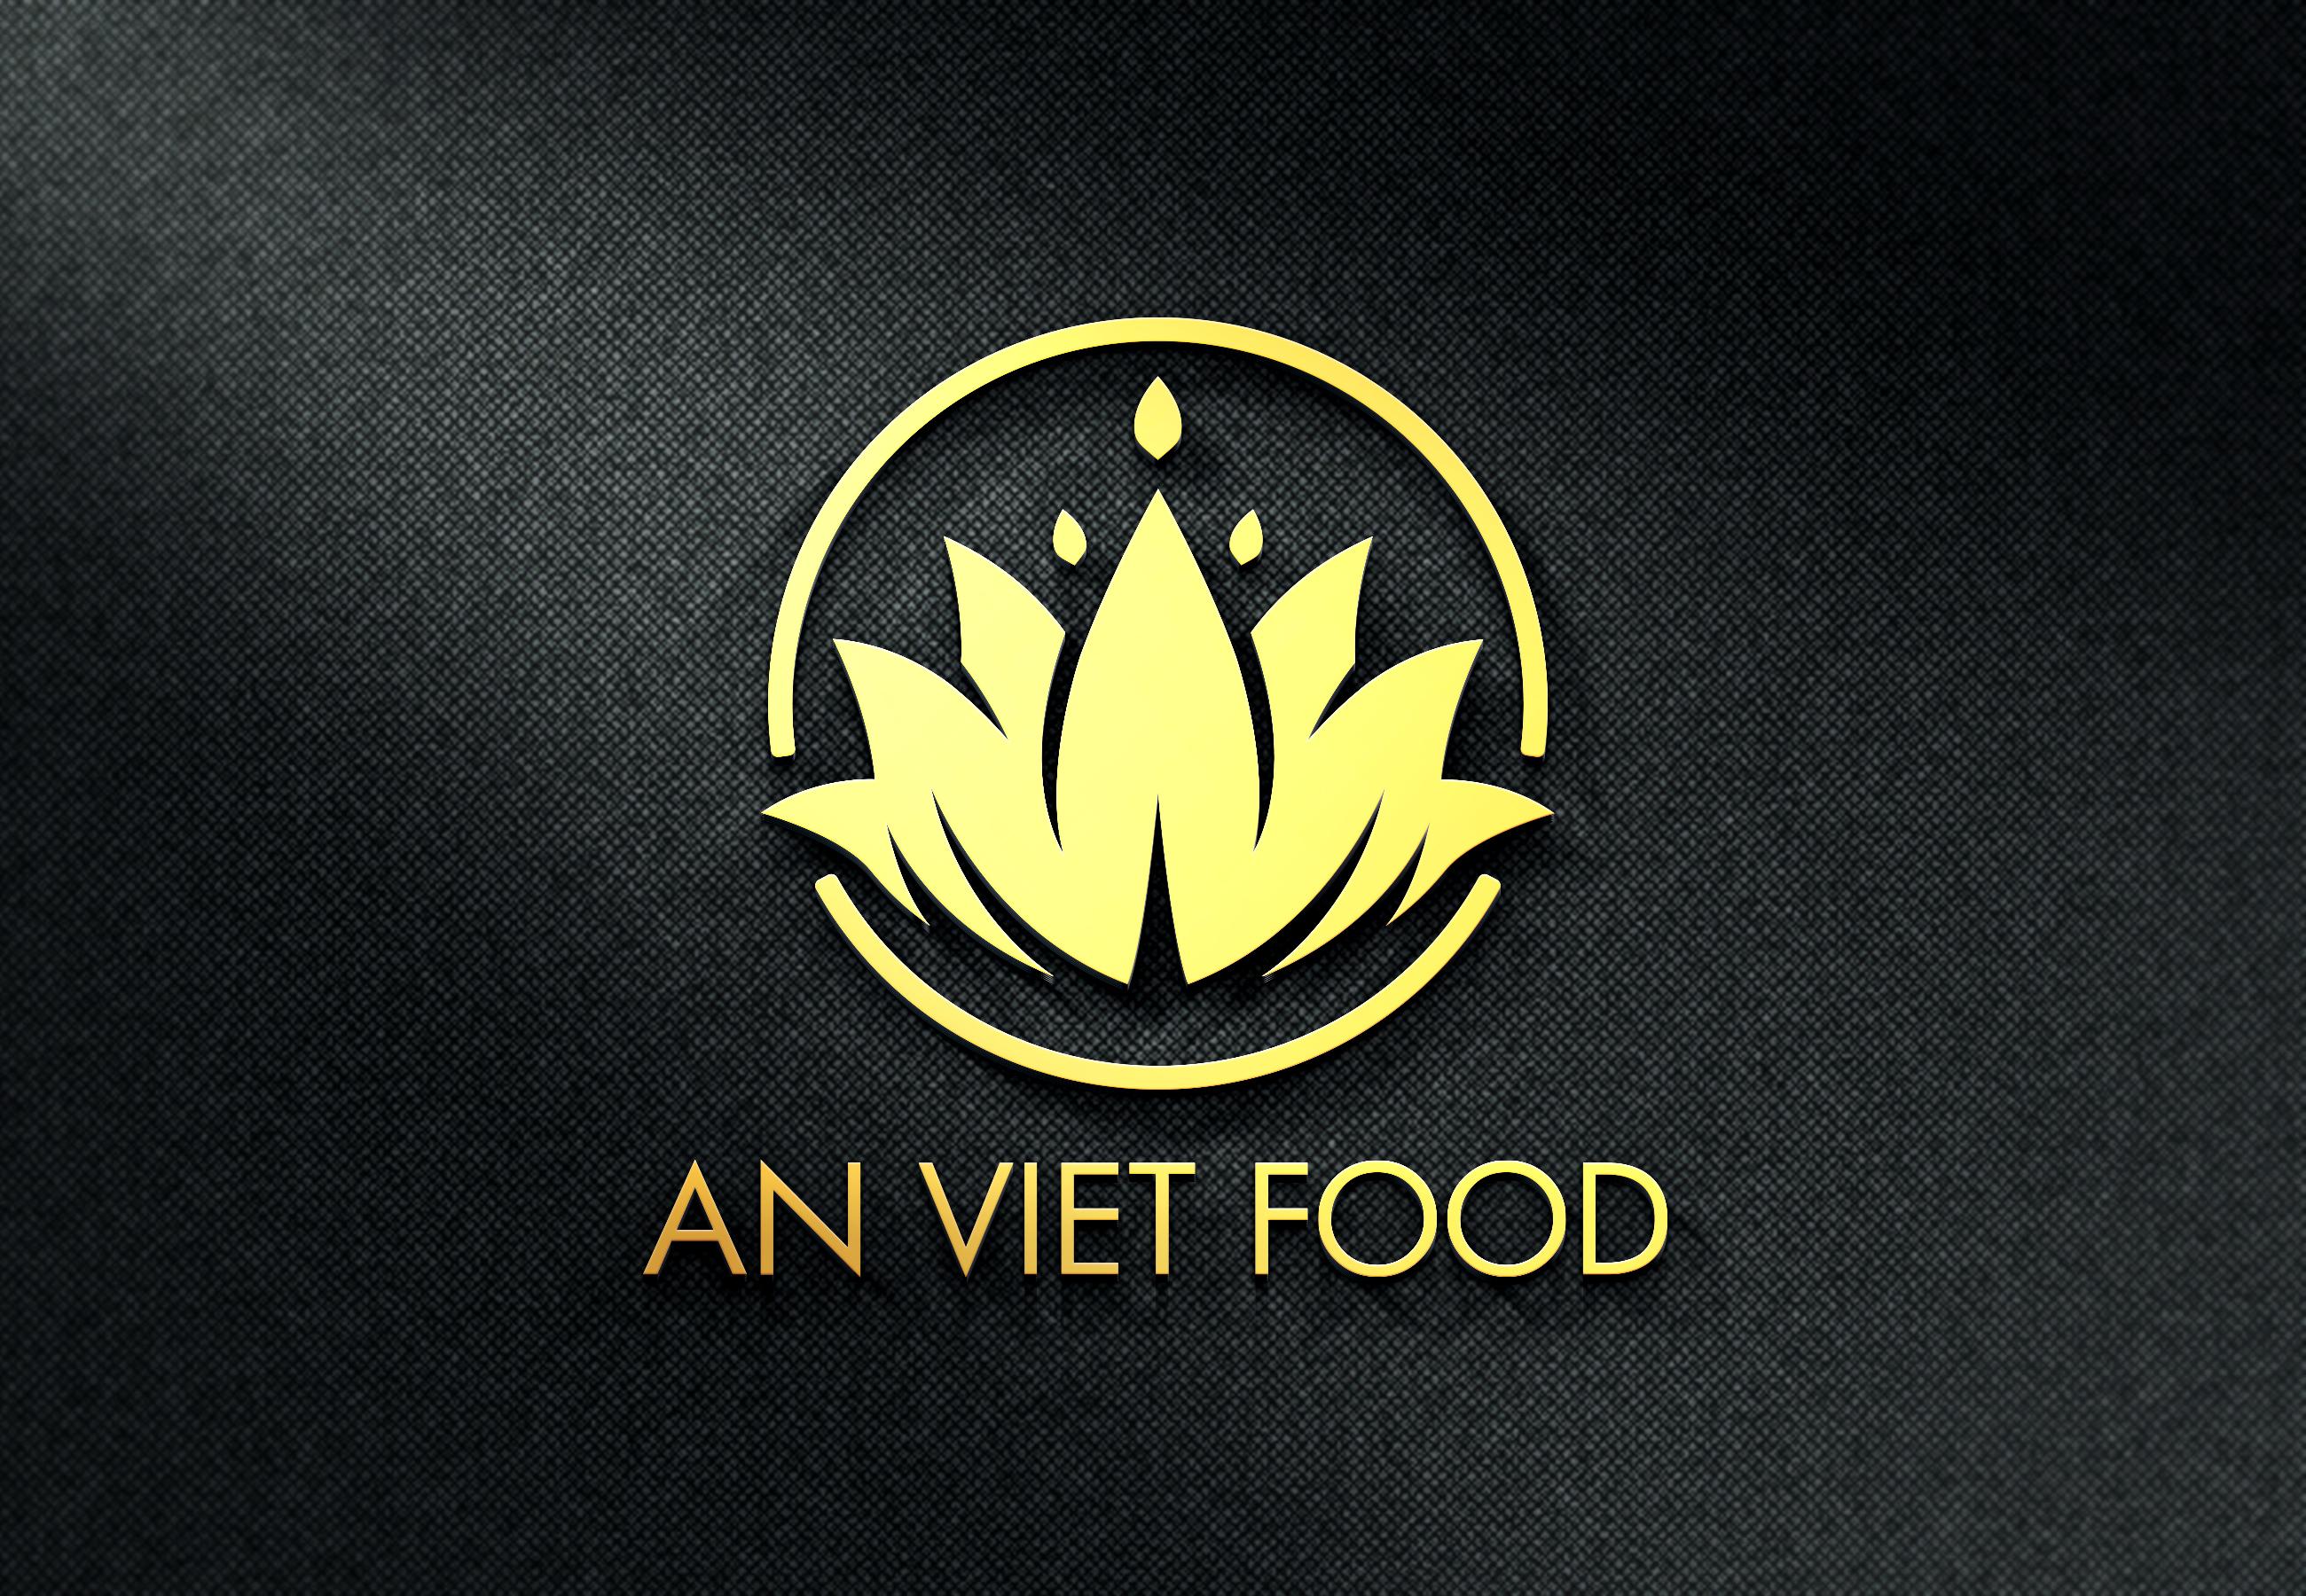 An Viet Food Trading3d.jpg